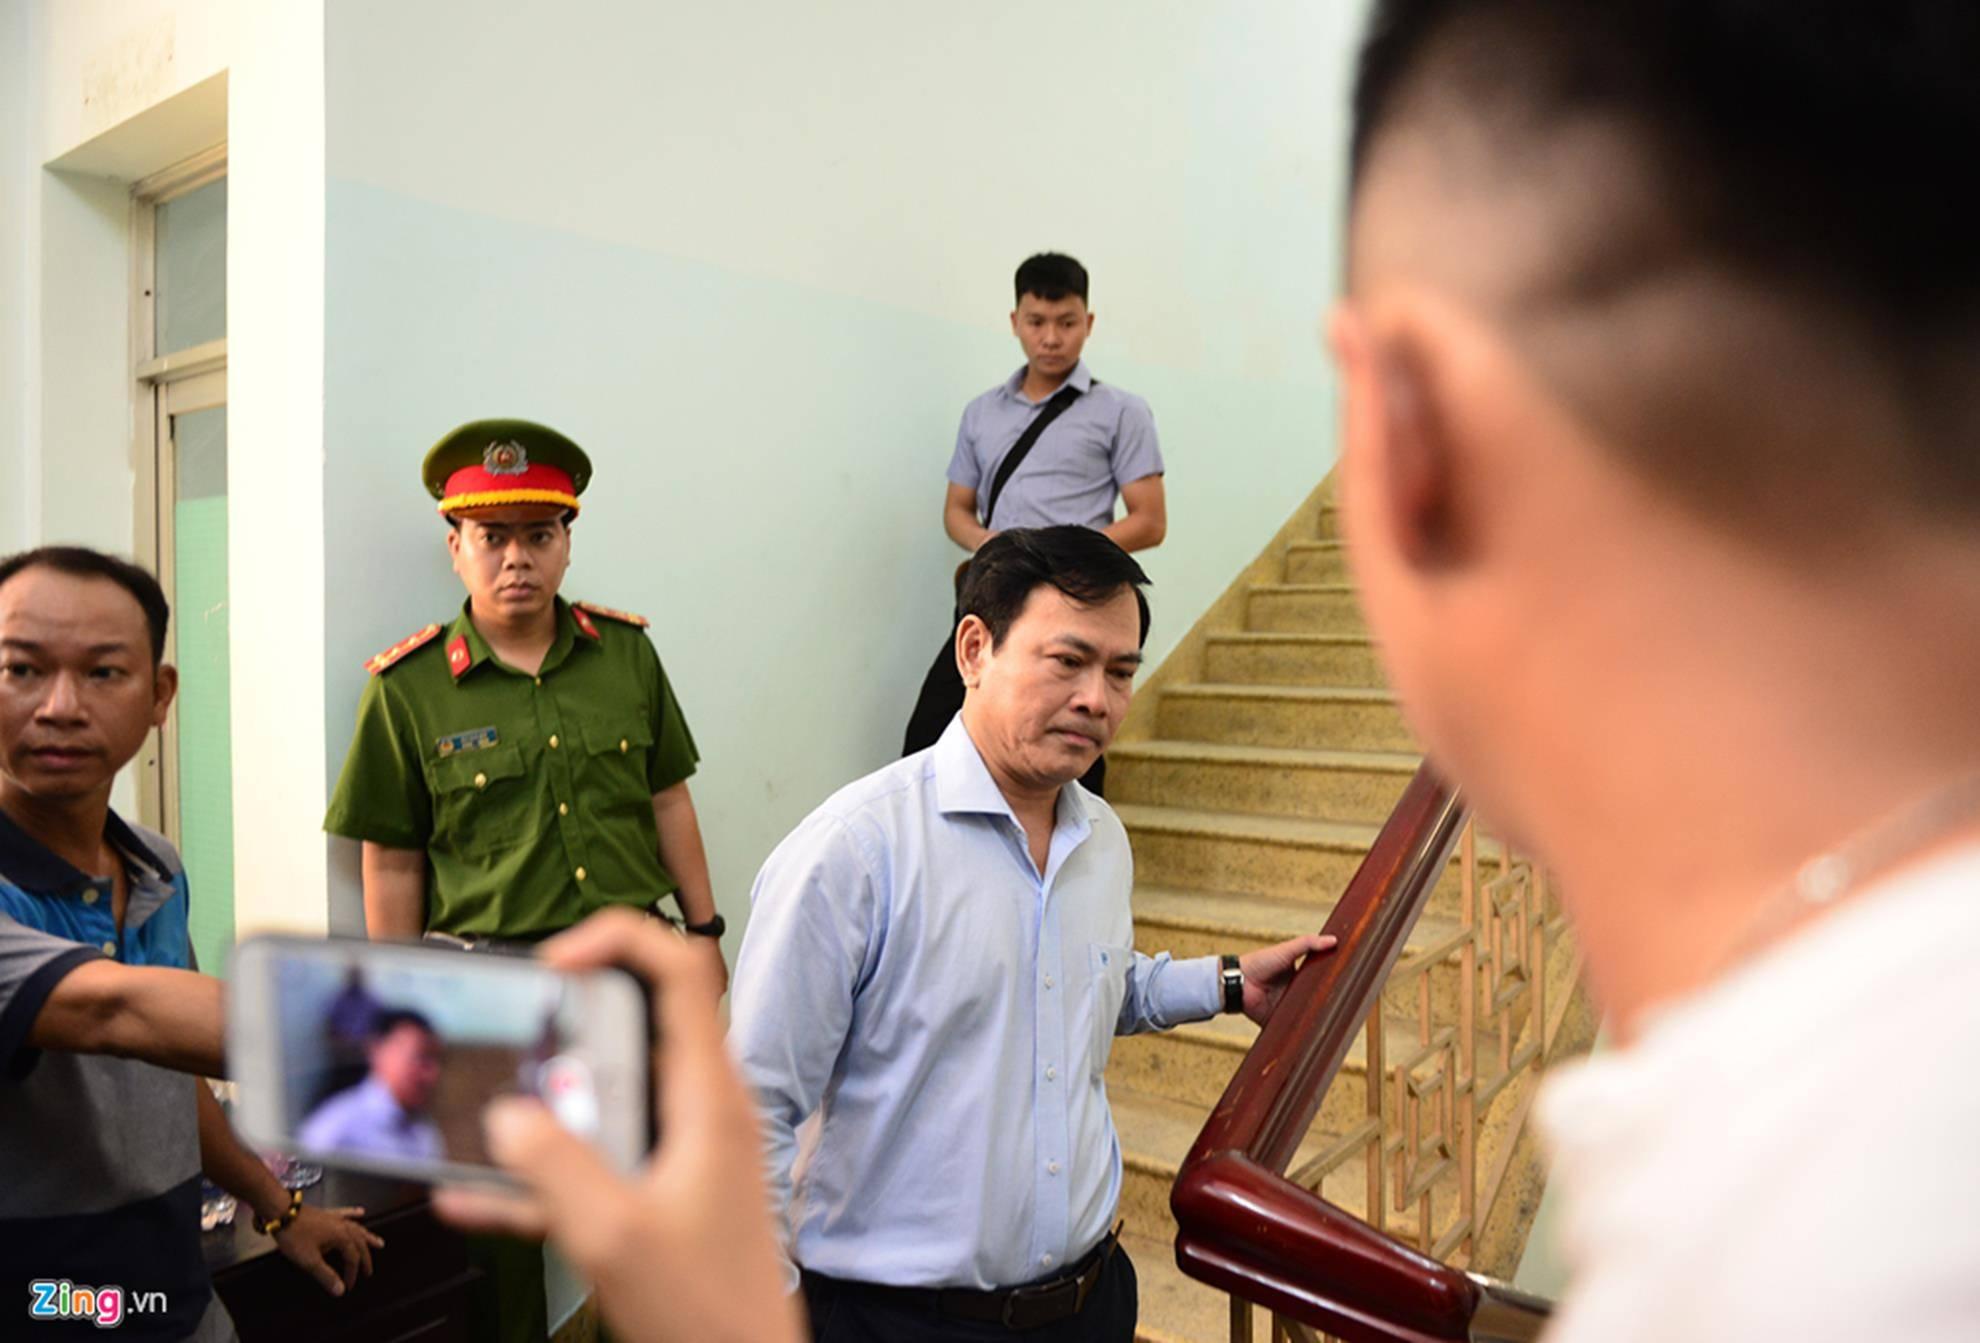 Hàng chục cảnh sát hộ tống Nguyễn Hữu Linh rời tòa-2